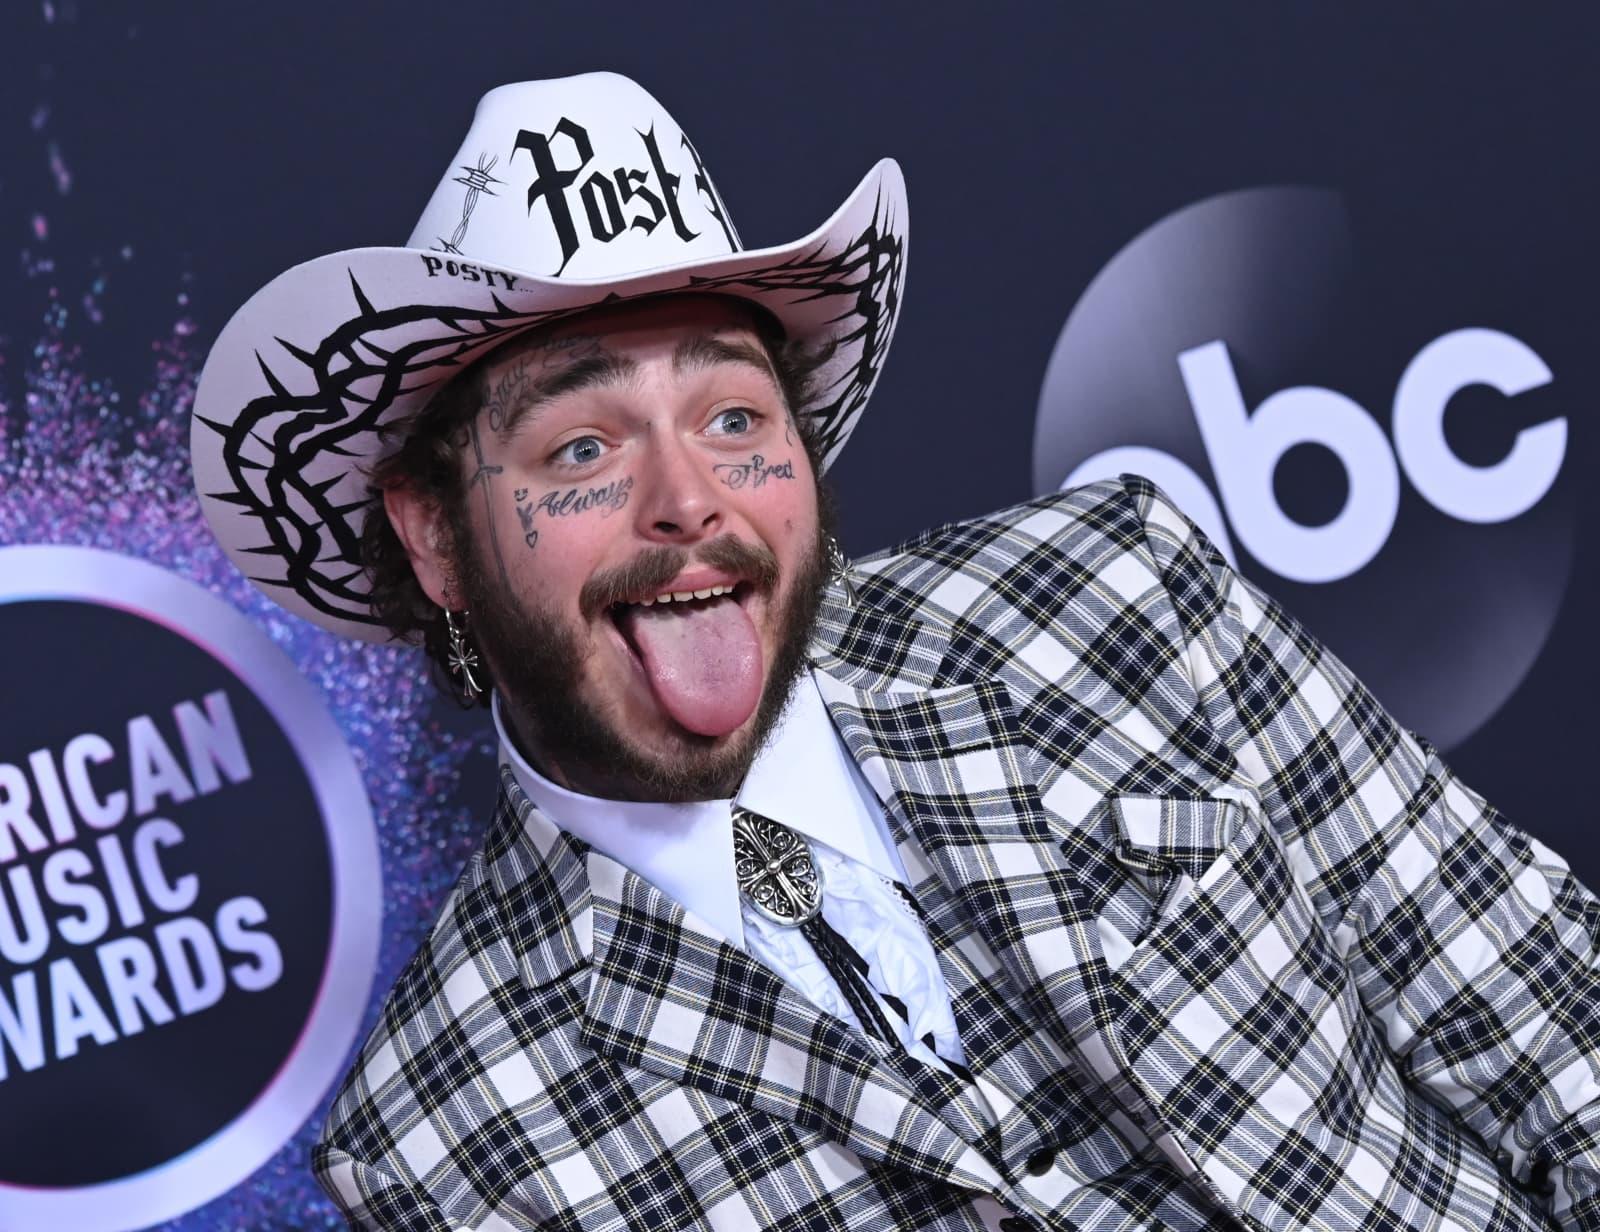 Er ist der meistgestreamte Musiker auf Spotify 2019